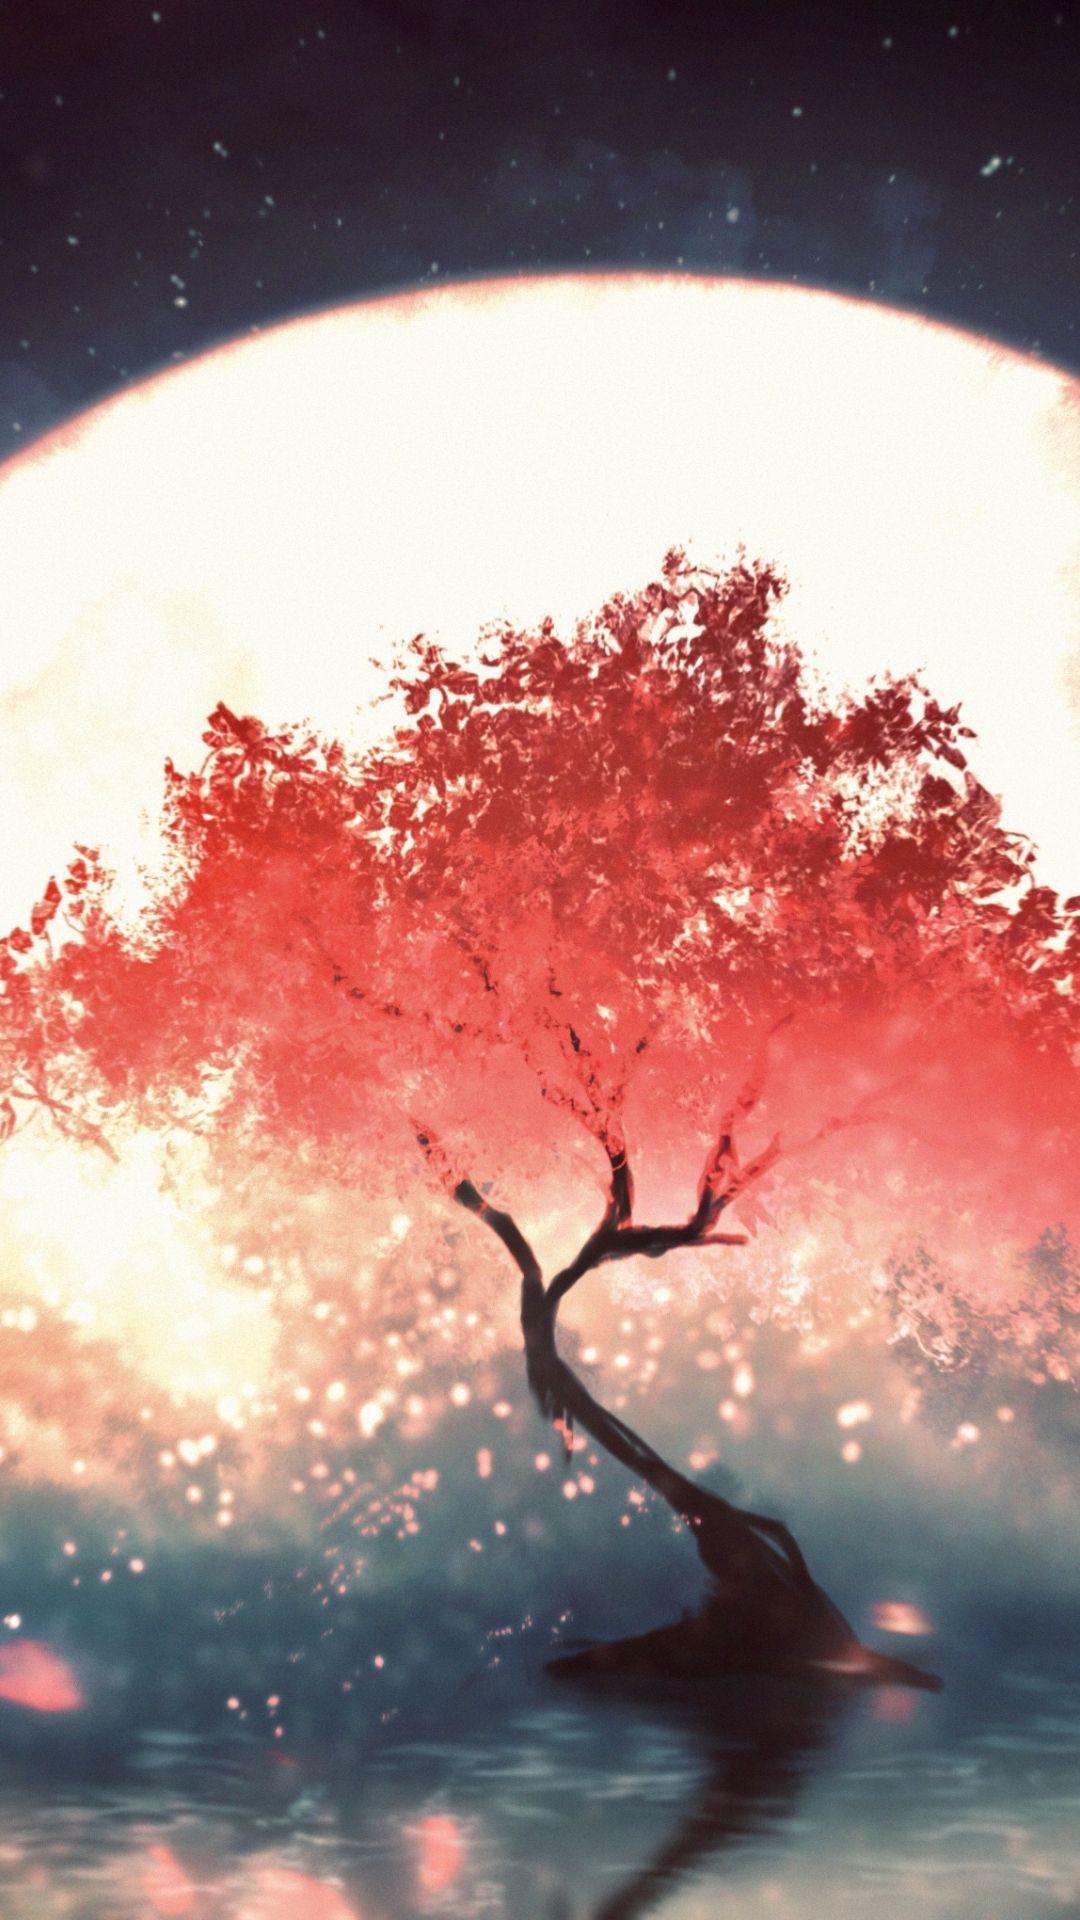 1080x1920 Red Tree Moon Light Fantasy Wallpaper In 2020 Red Tree Fantasy Moonlight